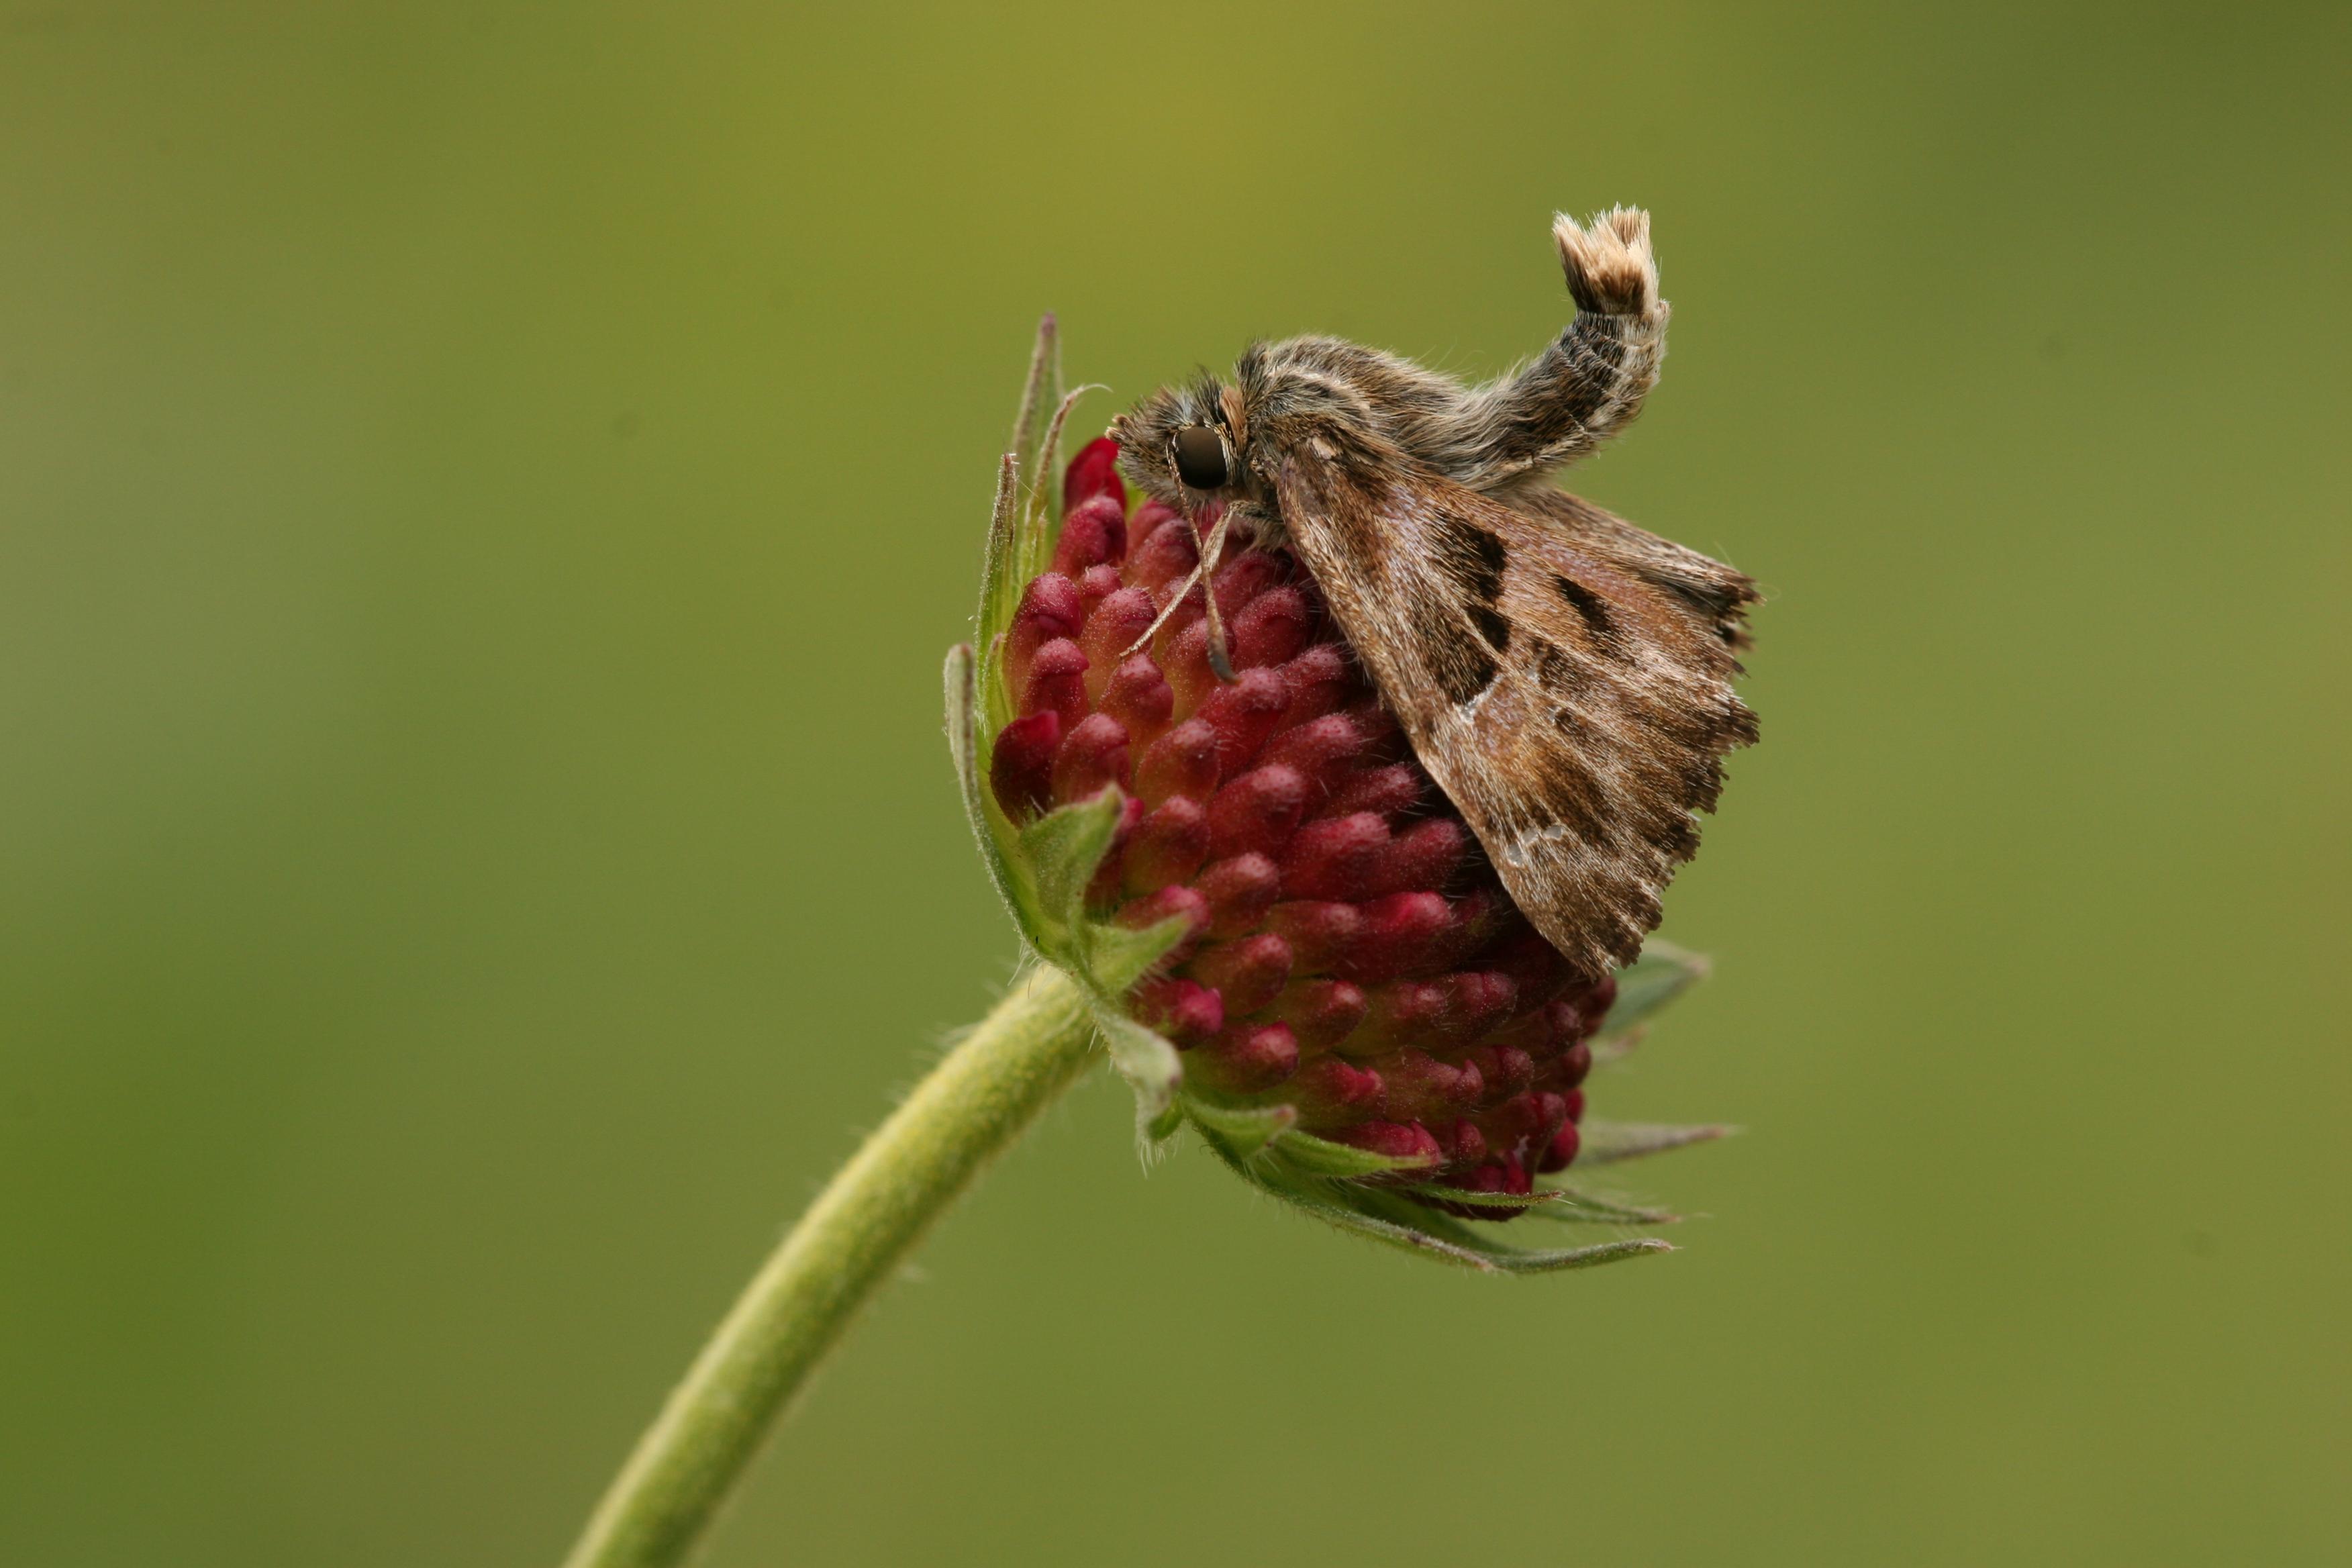 Výslunné lemové turistické stezky či jejich nejbližší okolí preferuje pěkných pár druhů. Například migrant perleťovec malý (Issoria lathonia, na Pálavě mnohem časnější než leckde jinde v ČR) nebo vyobrazený soumračník slézový (Carcharodus alceae), který se naštěstí také šíří do nových regionů.